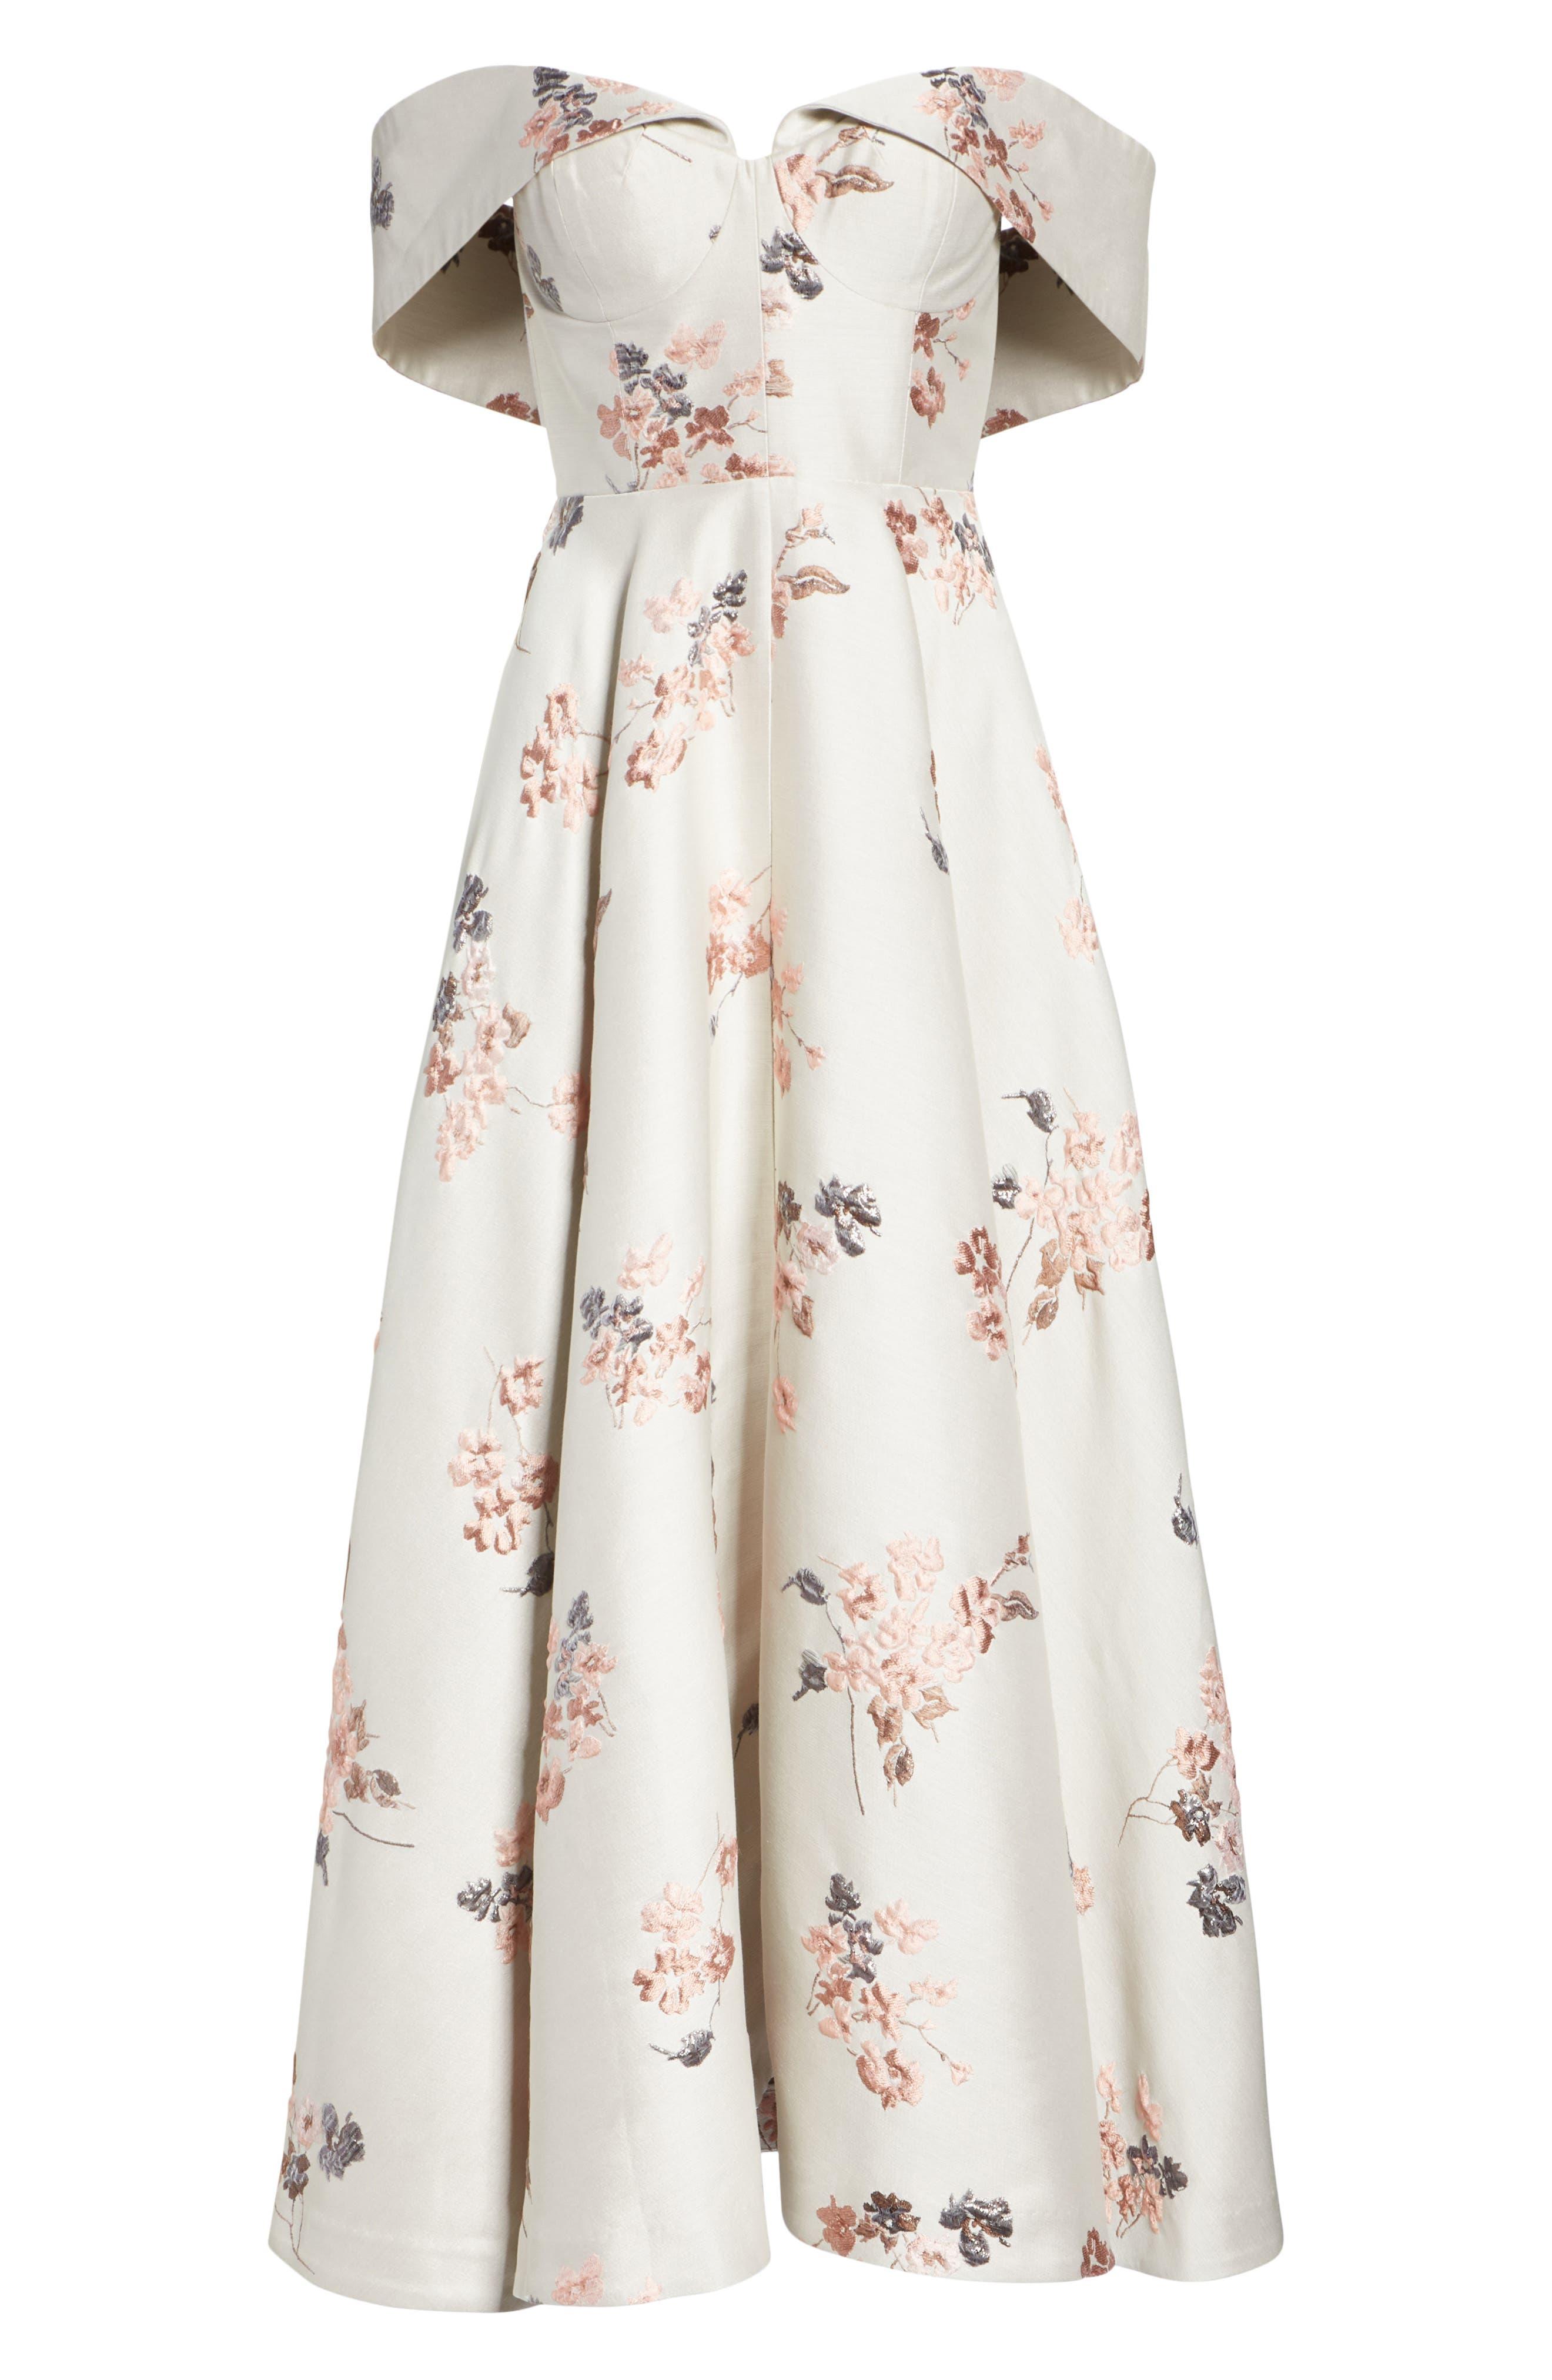 Metallic Floral Jacquard Off the Shoulder Dress,                             Alternate thumbnail 8, color,                             Beige/ Pink